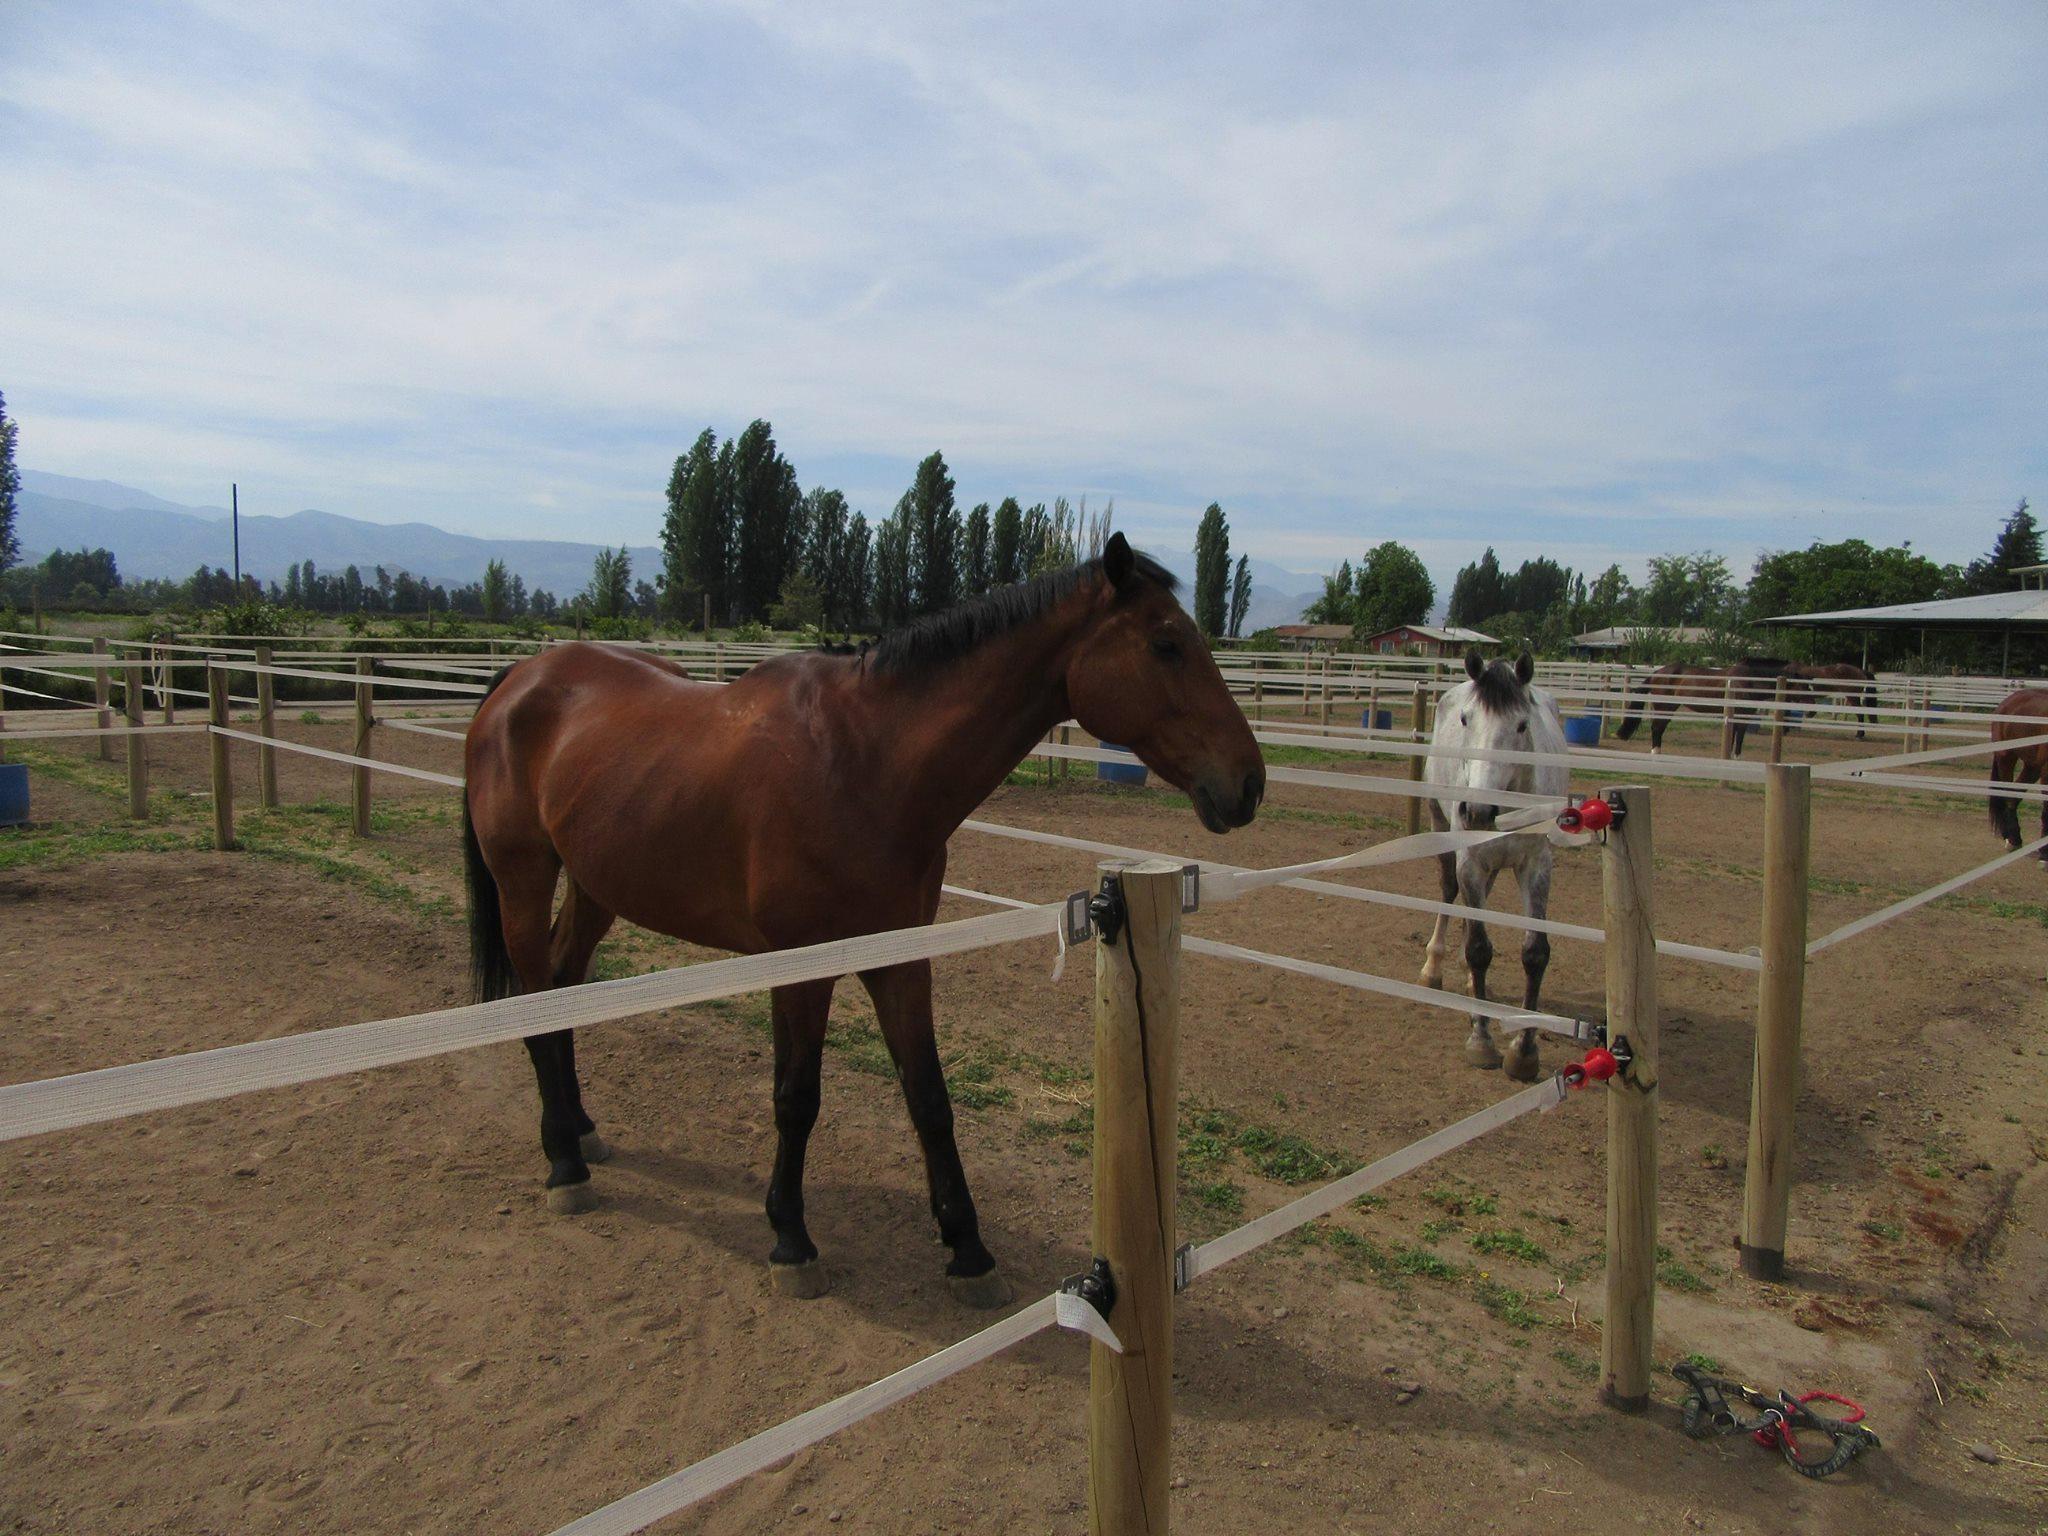 Corrales caballos descansando